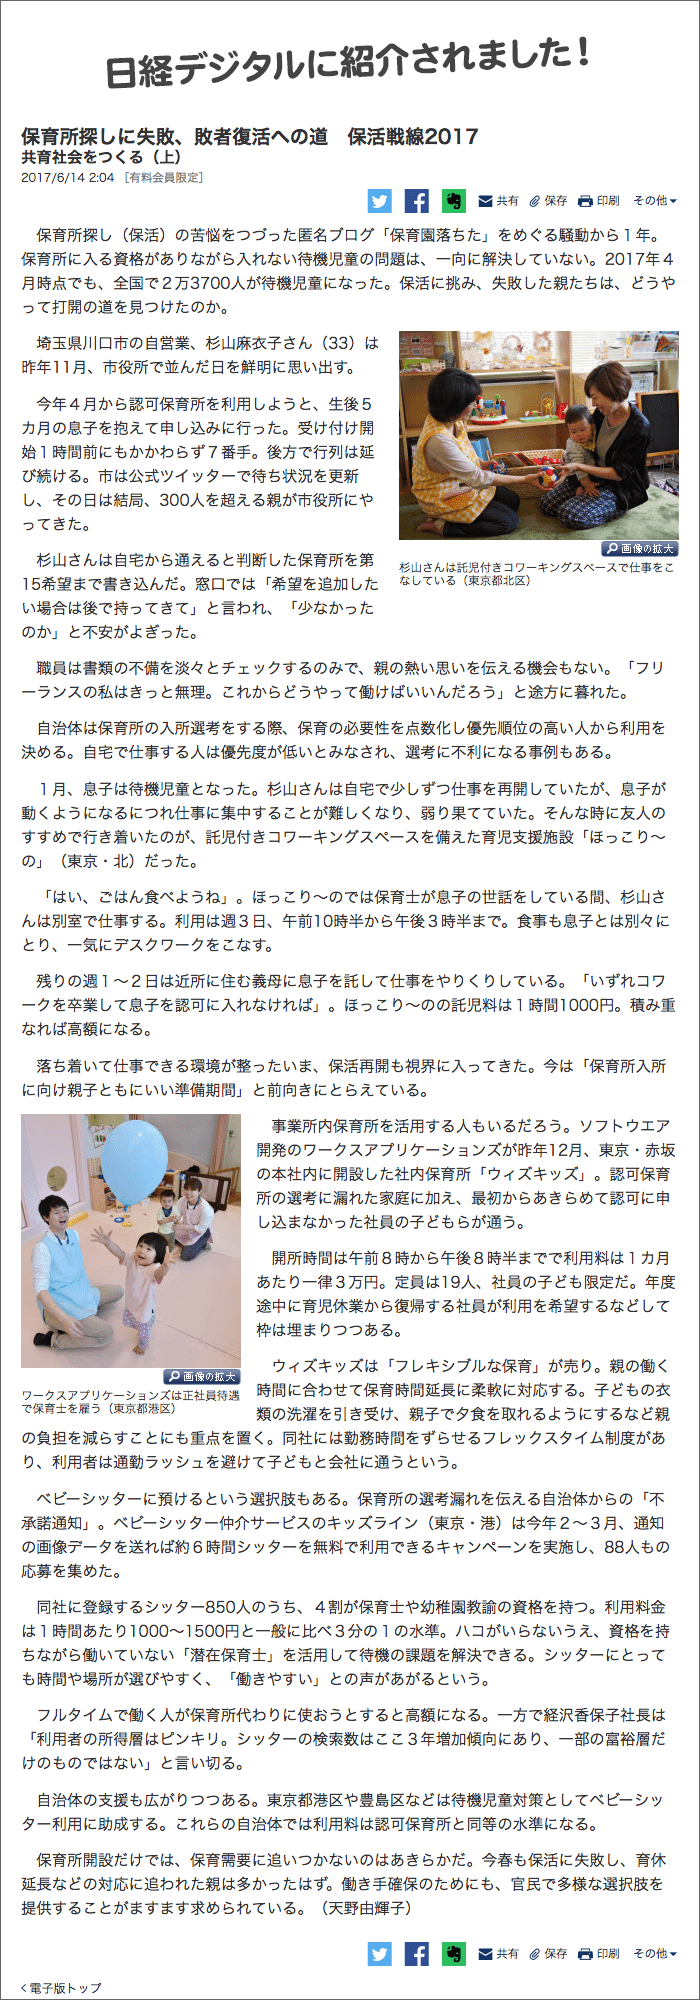 日経デジタルでほっこりーのが紹介されました!